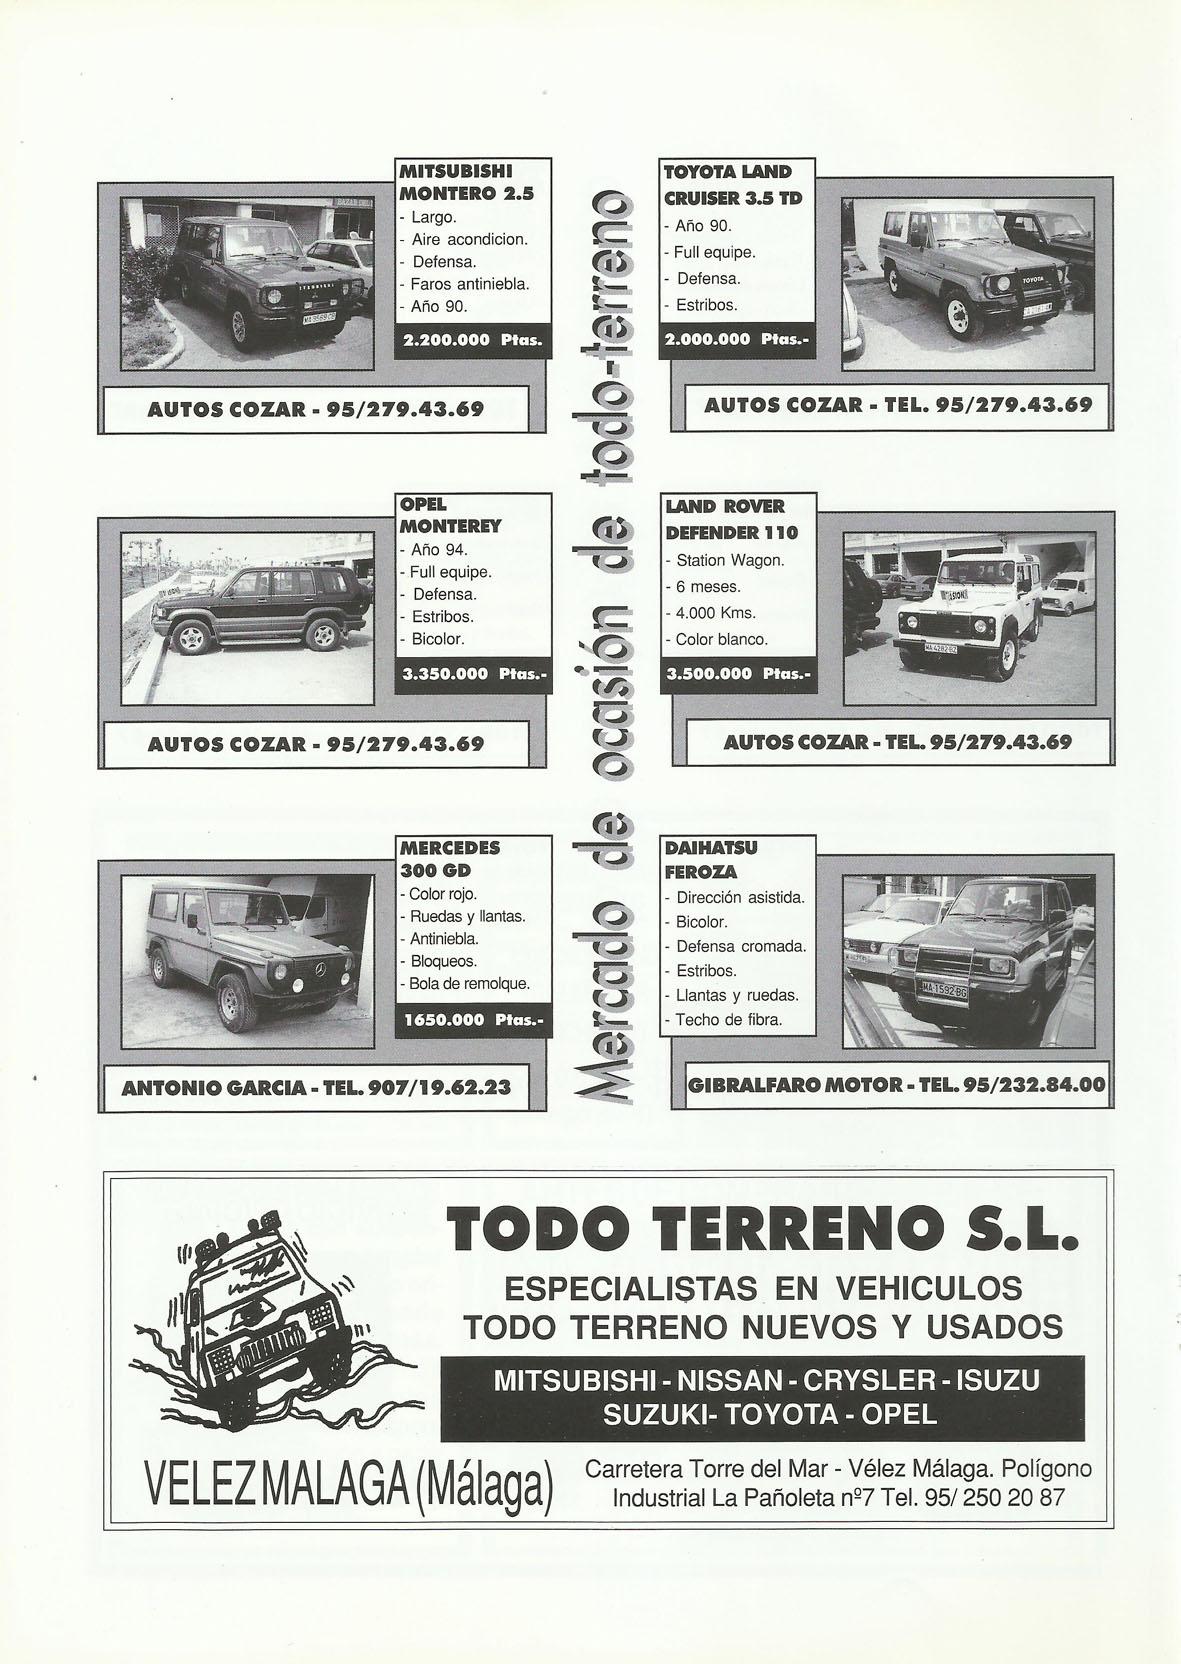 Revista Local 4x4 32 21 Mercado de Ocasión 4x4 y Publicidad Todo Terreno SL Vélez Málaga